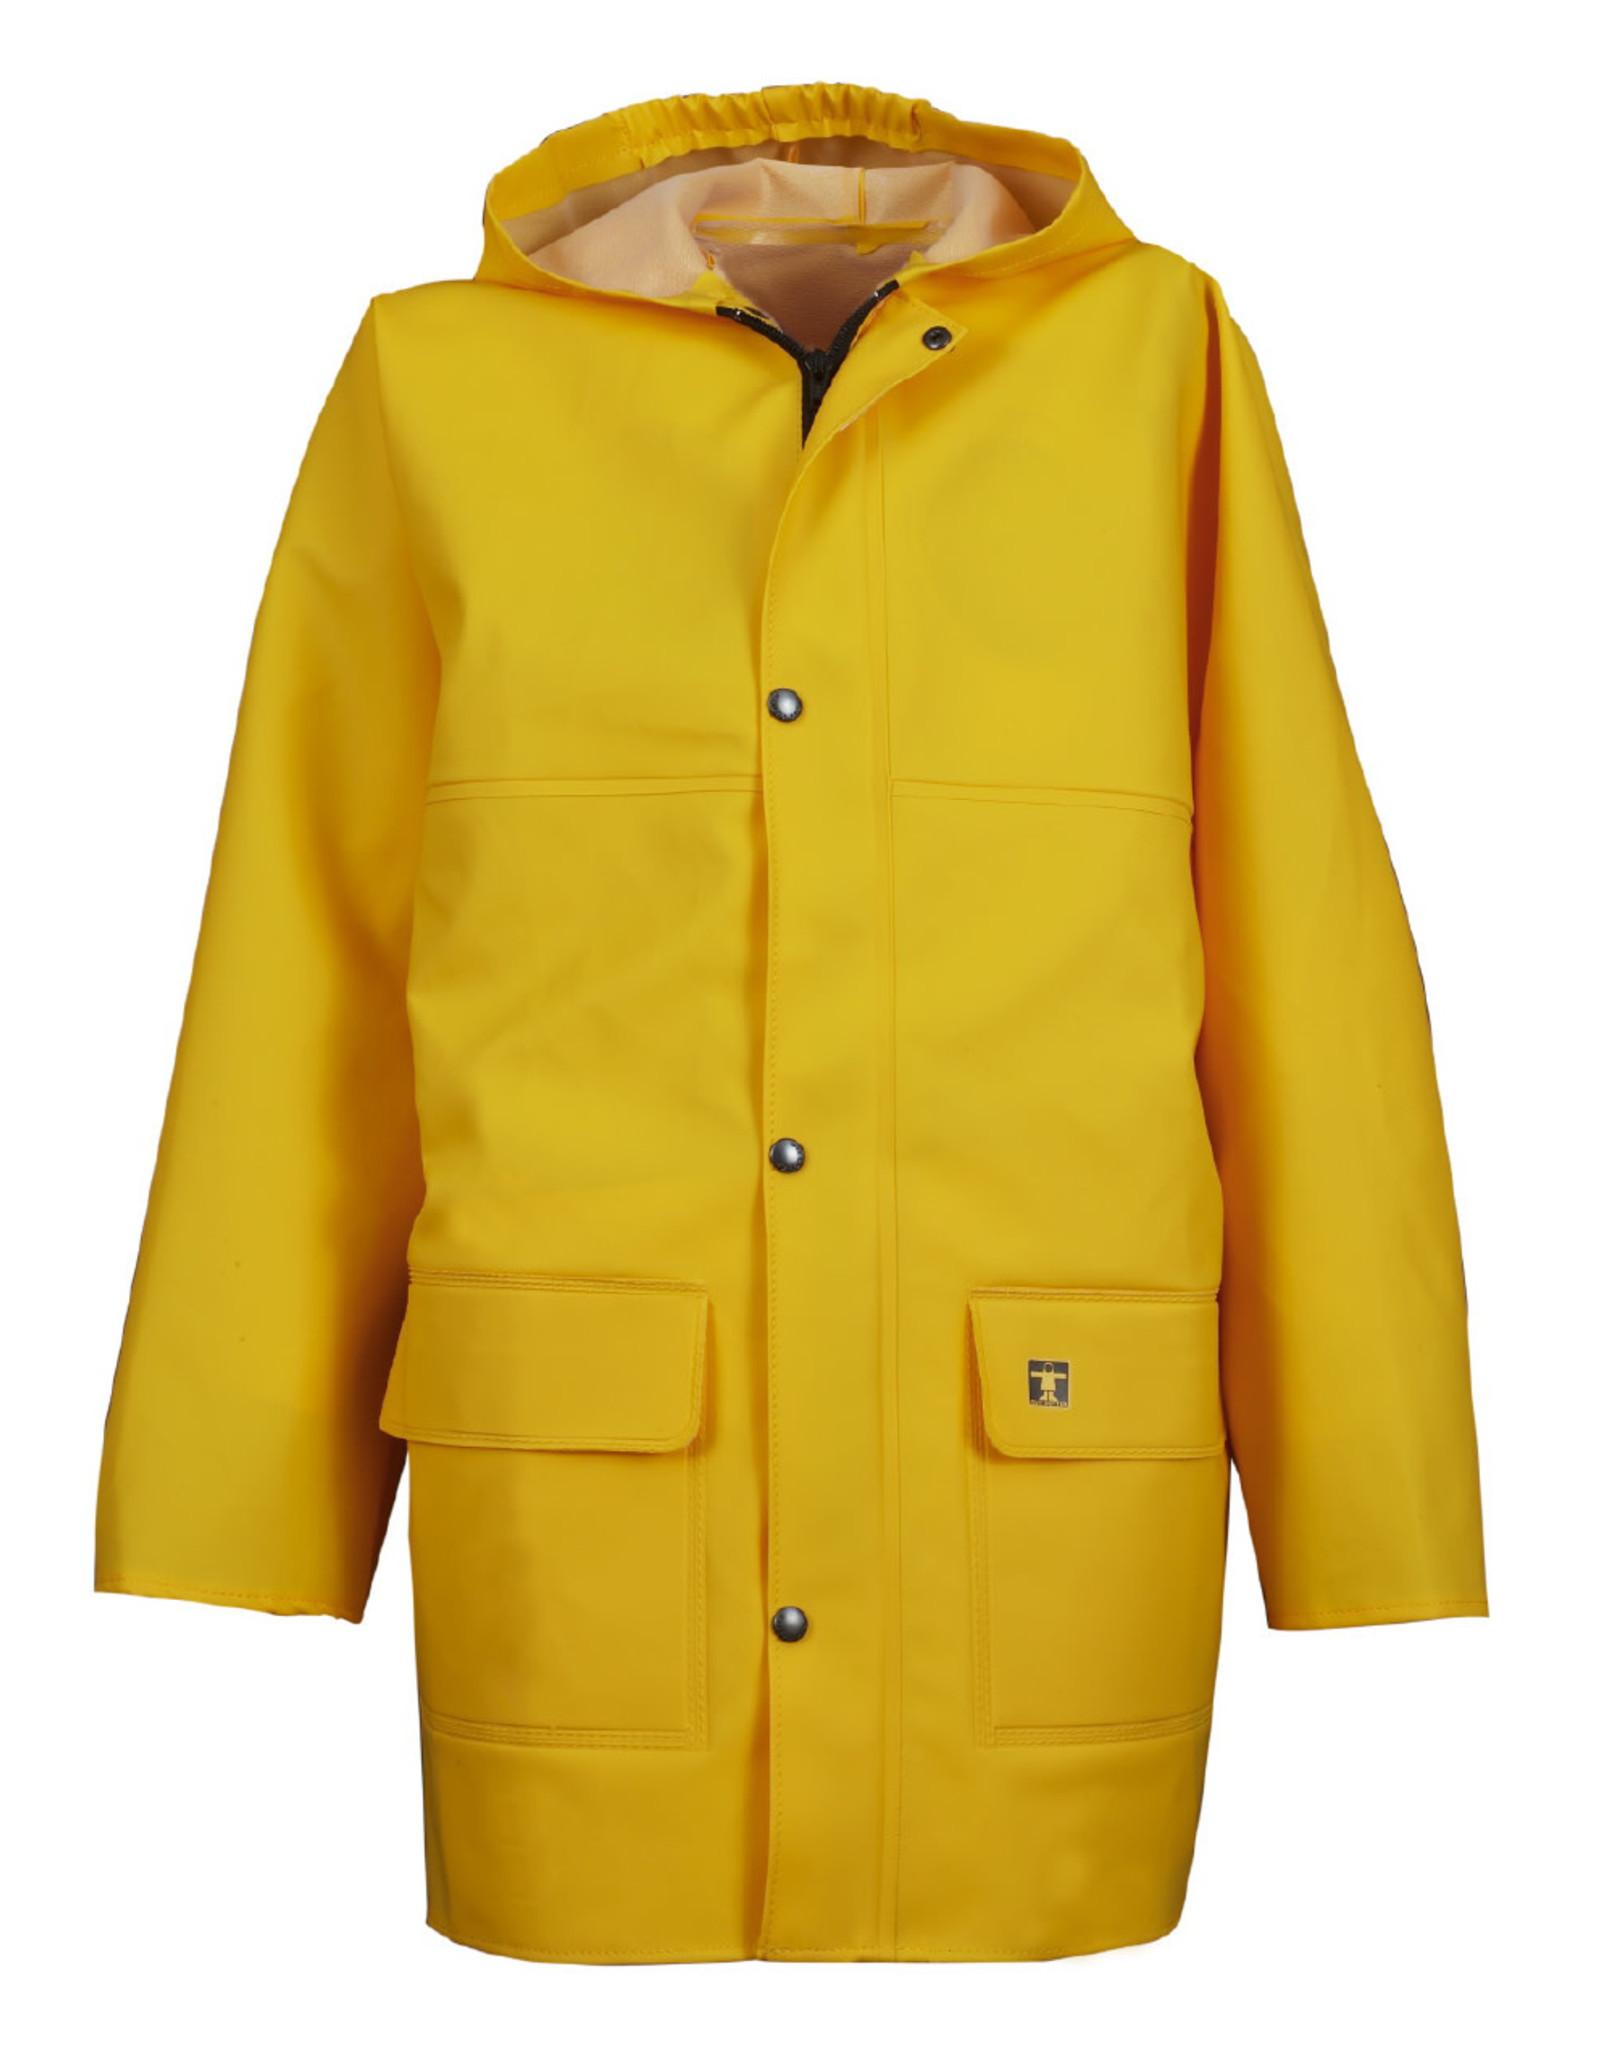 Guy Cotten Jacket Derby Enfant